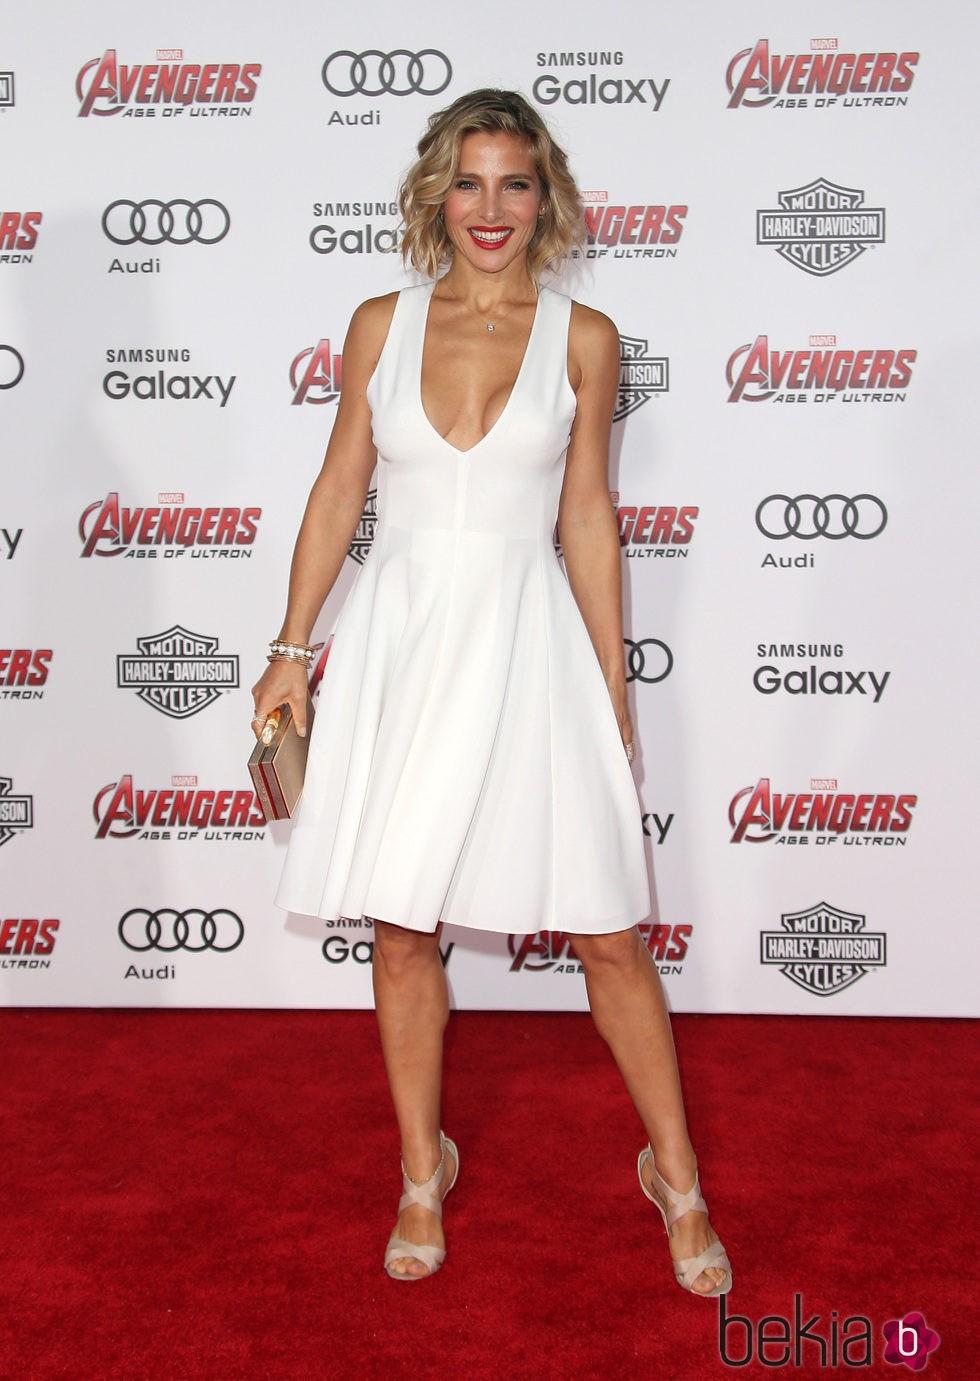 Elsa Pataky en el estreno de 'Los vengadores: la era de Ultron' en Los Angeles